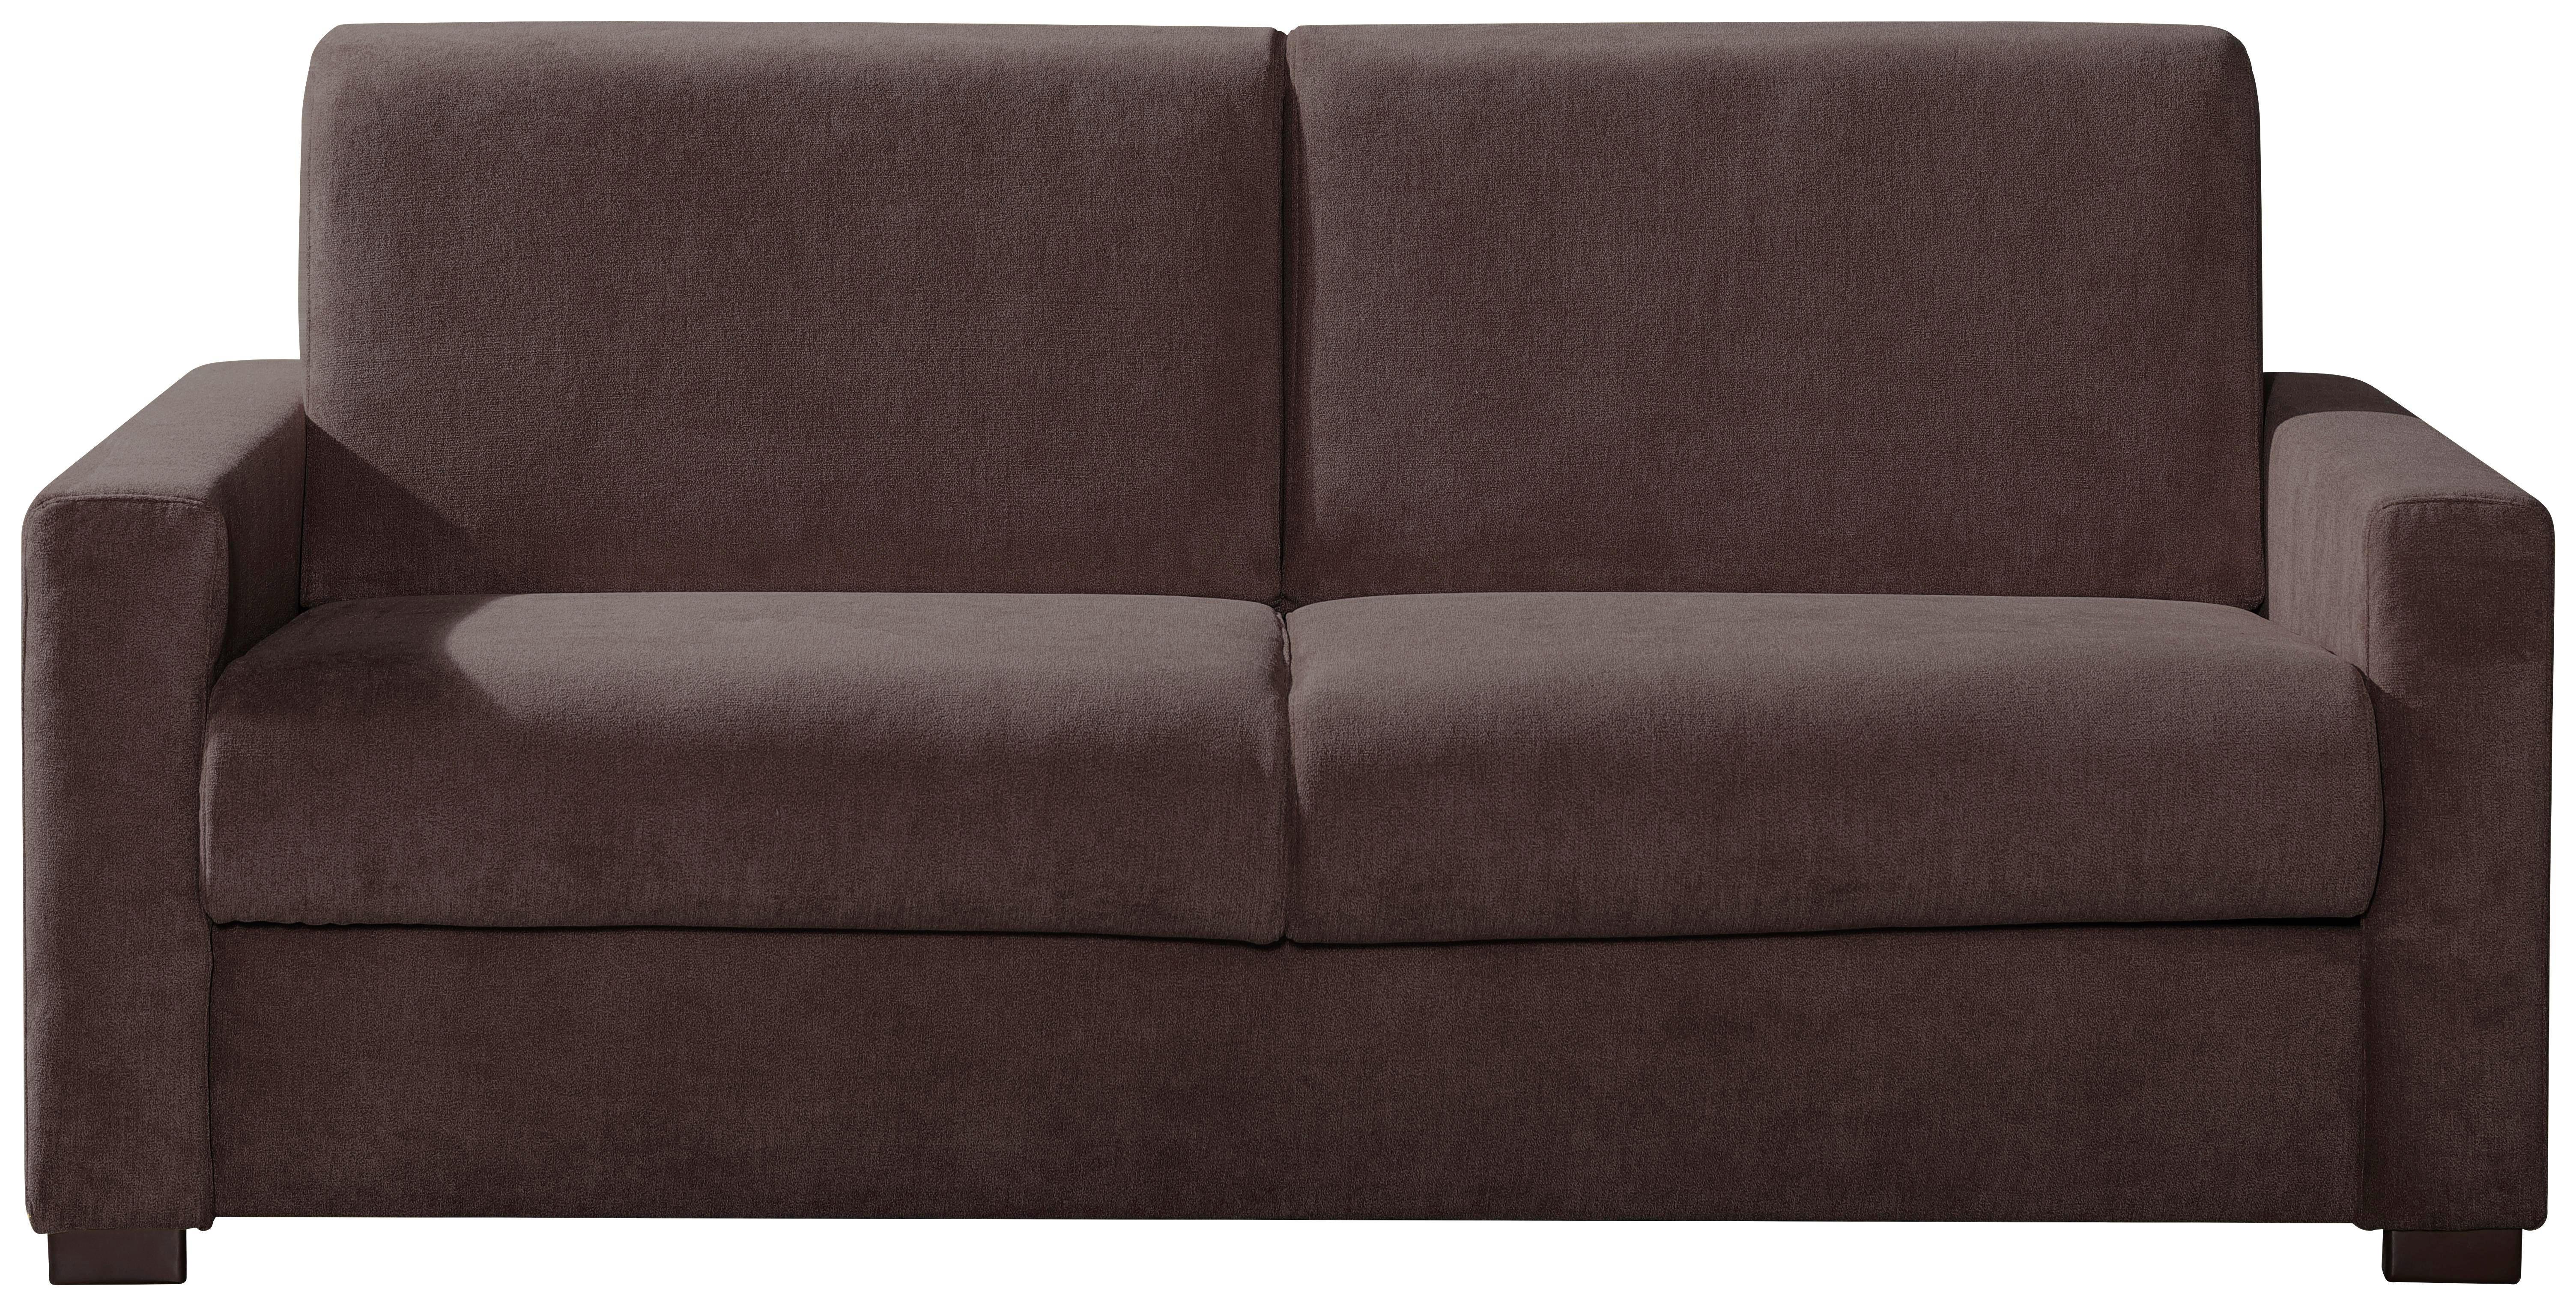 SCHLAFSOFA Braun - Chromfarben/Braun, KONVENTIONELL, Textil/Metall (168/88/99cm) - CARRYHOME